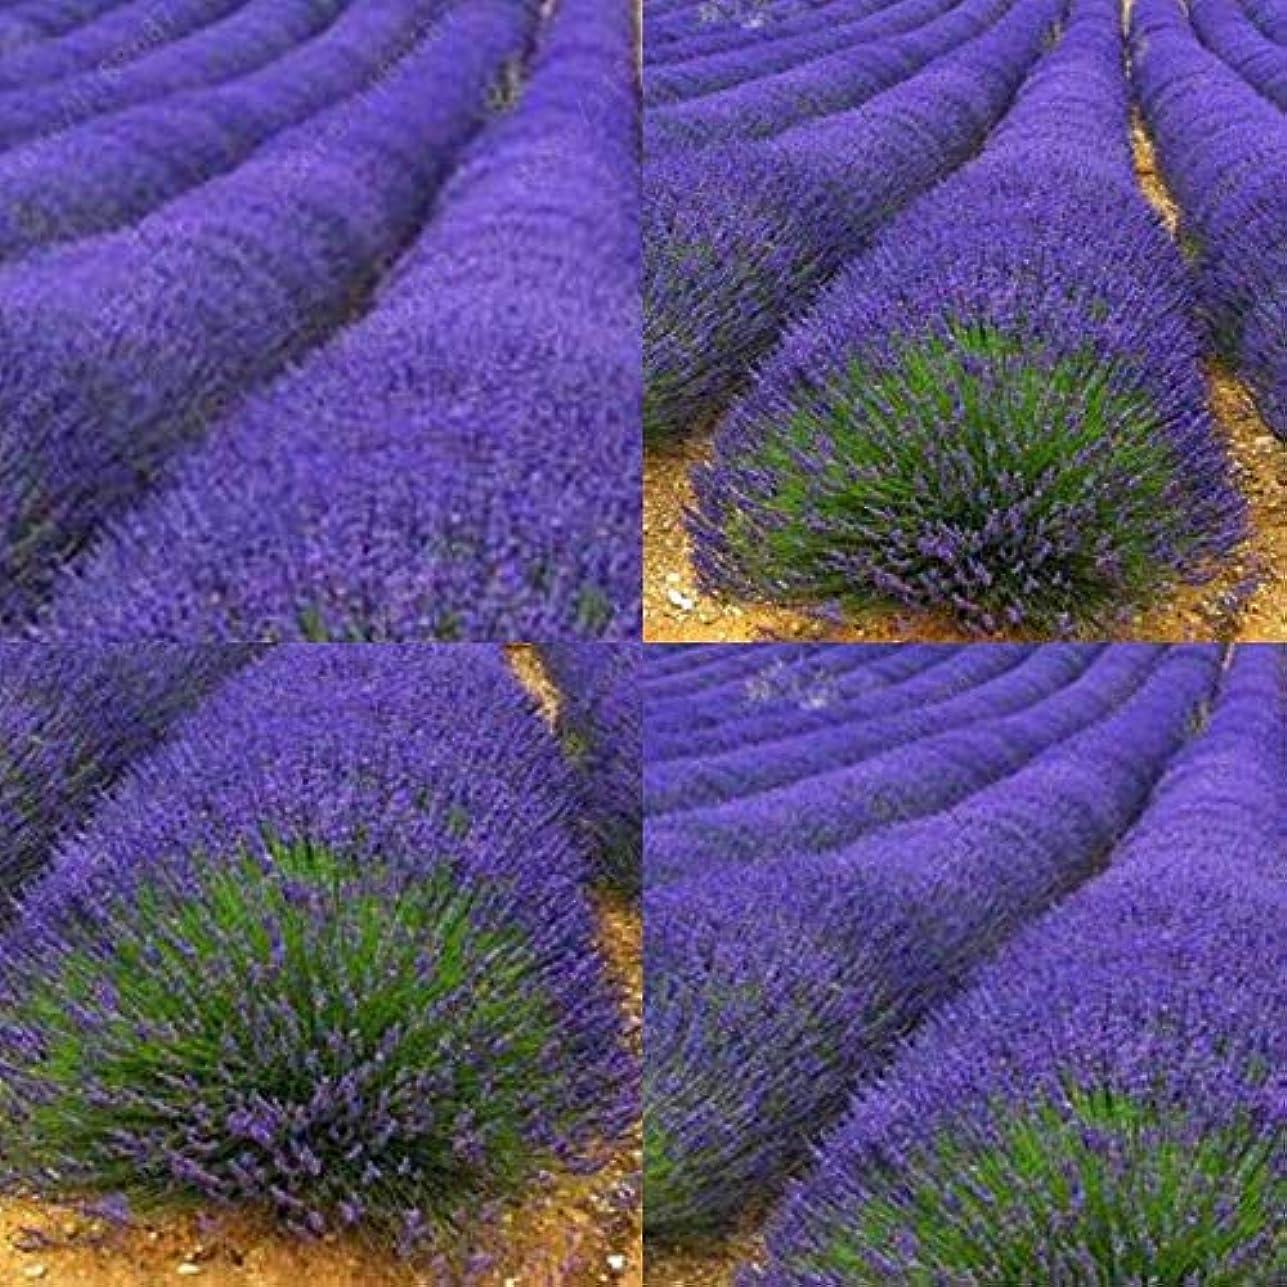 建物の有効Portal Cool Type2 200Pcs: New Garden Aromatic Spices Variety Herb Seeds Plant Vegetable Lavender Herb